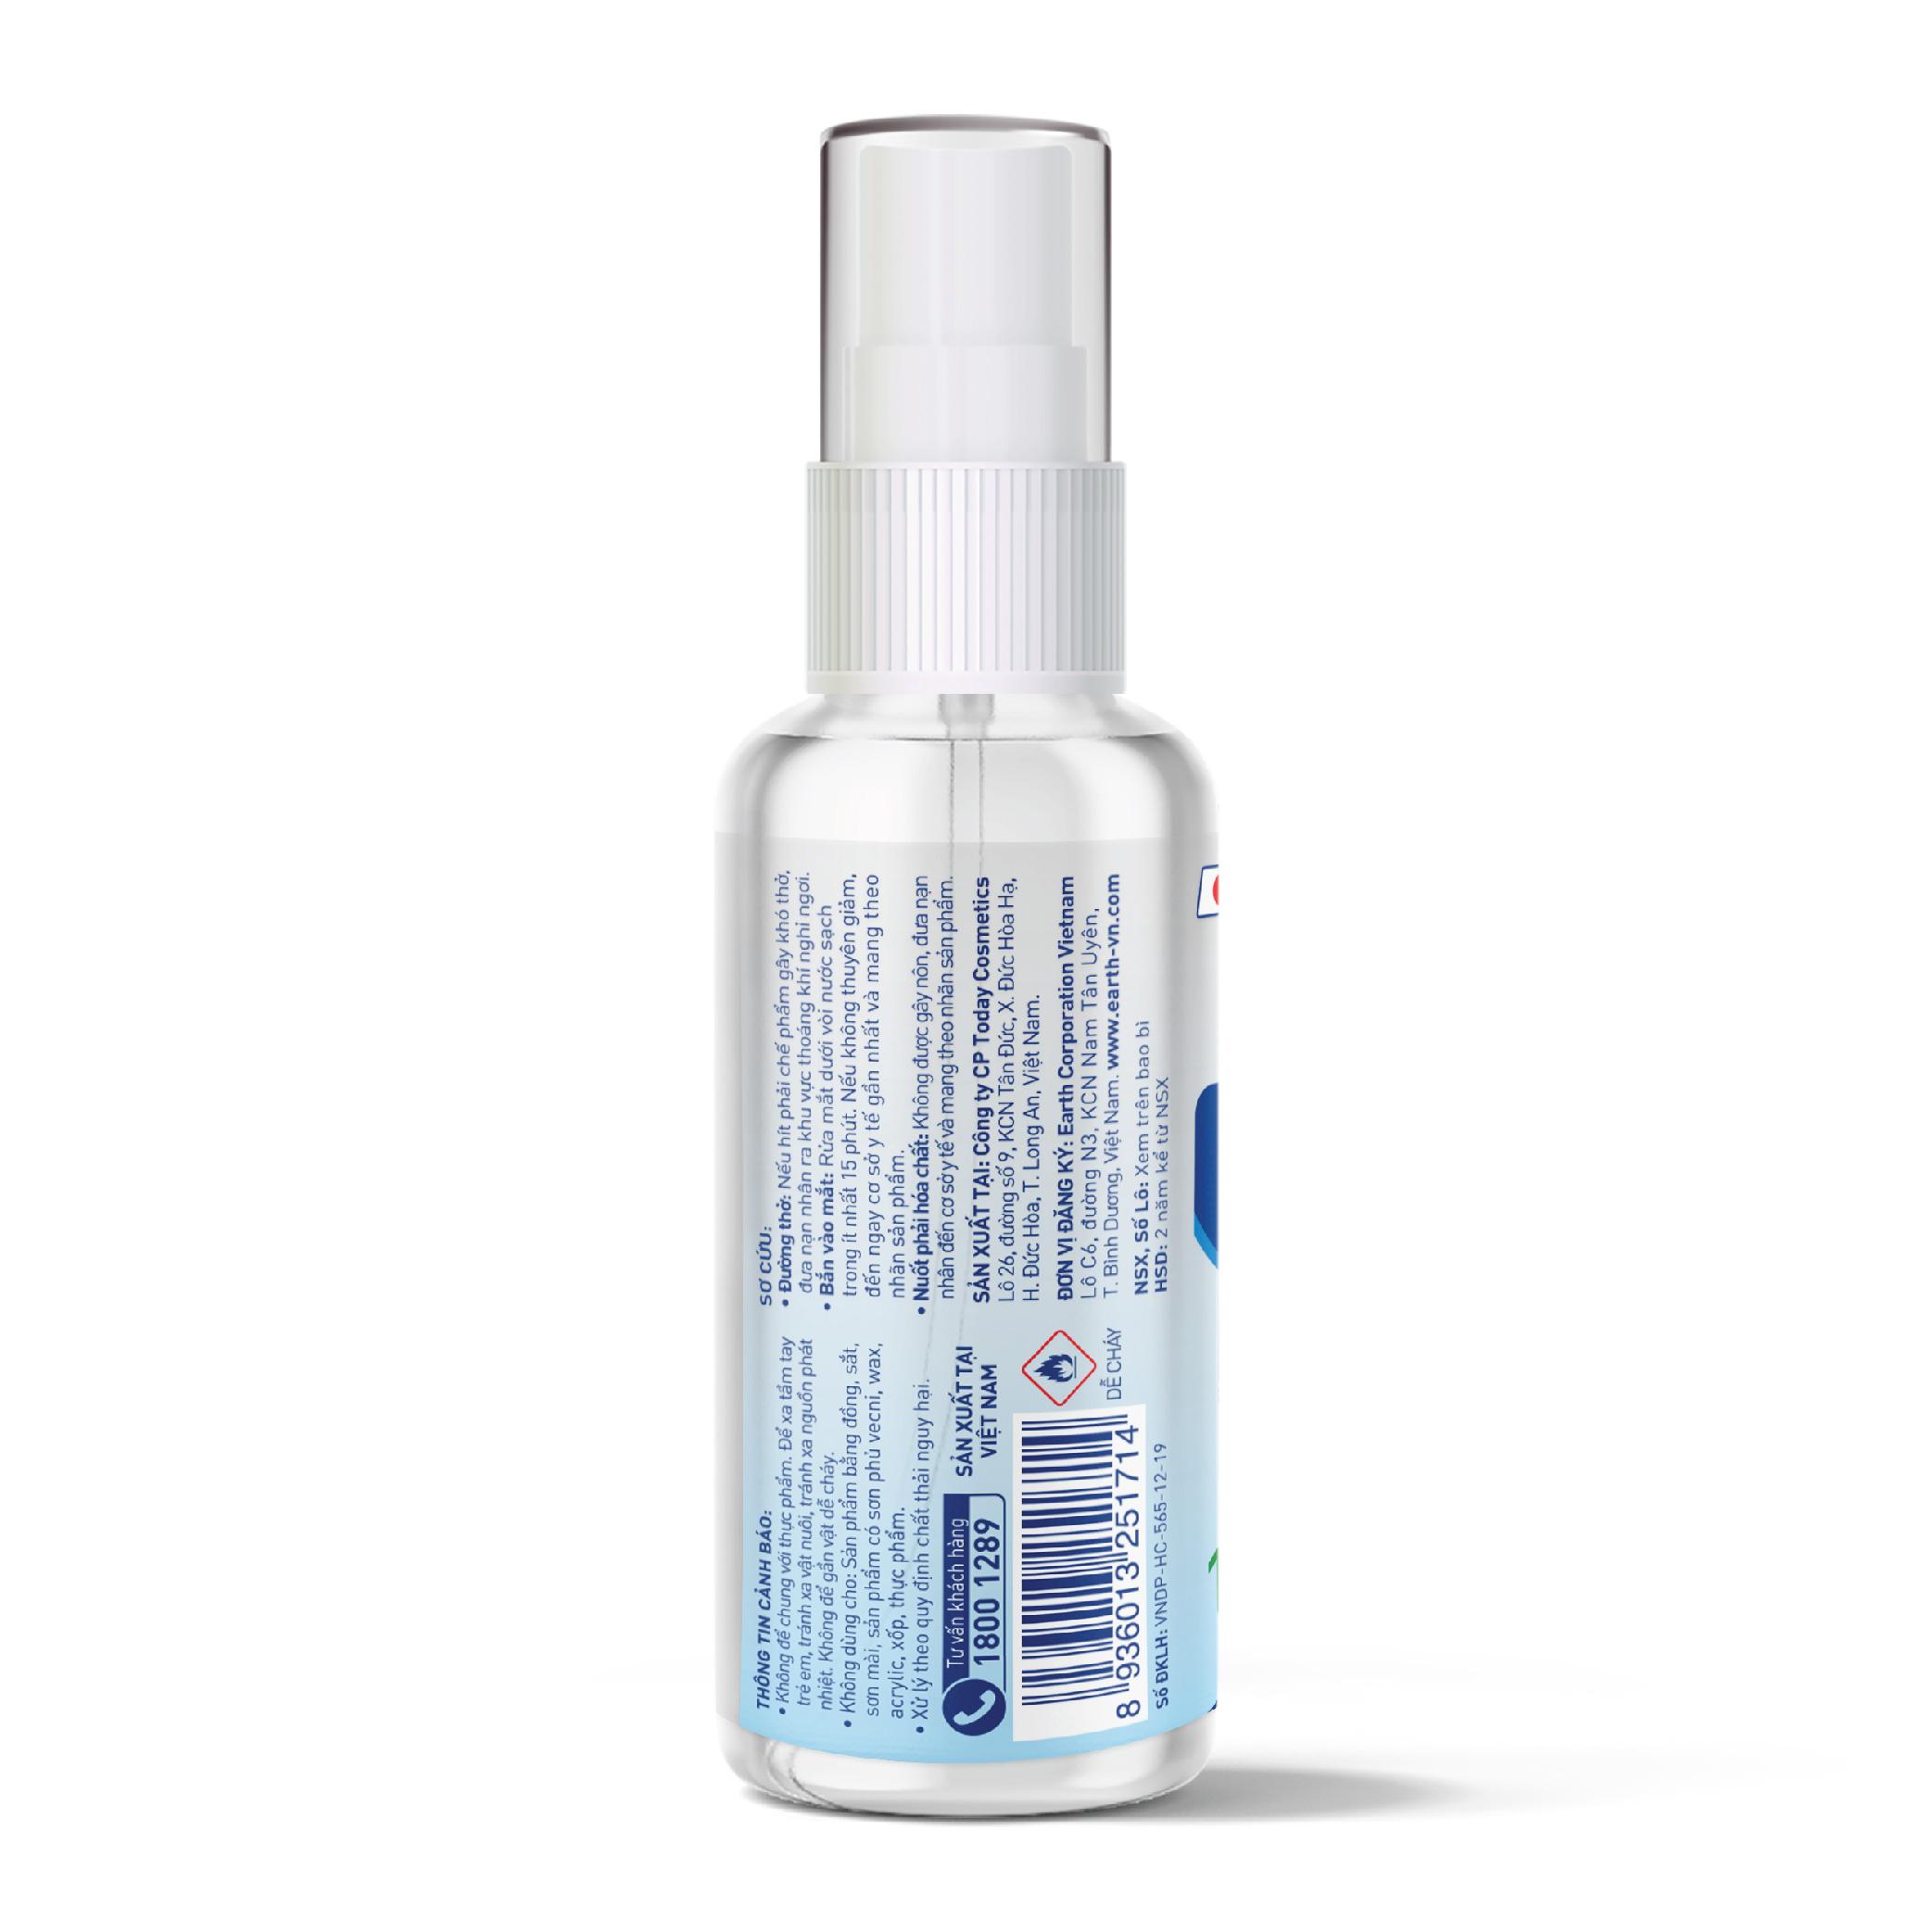 Chai xịt diệt khuẩn Natuearth (60 ml) - Chai bỏ túi - Chuyên dùng diệt khuẩn da tay và bề mặt -  với 100% nguyên liệu thiên nhiên đạt tiêu chuẩn Nhật Bản